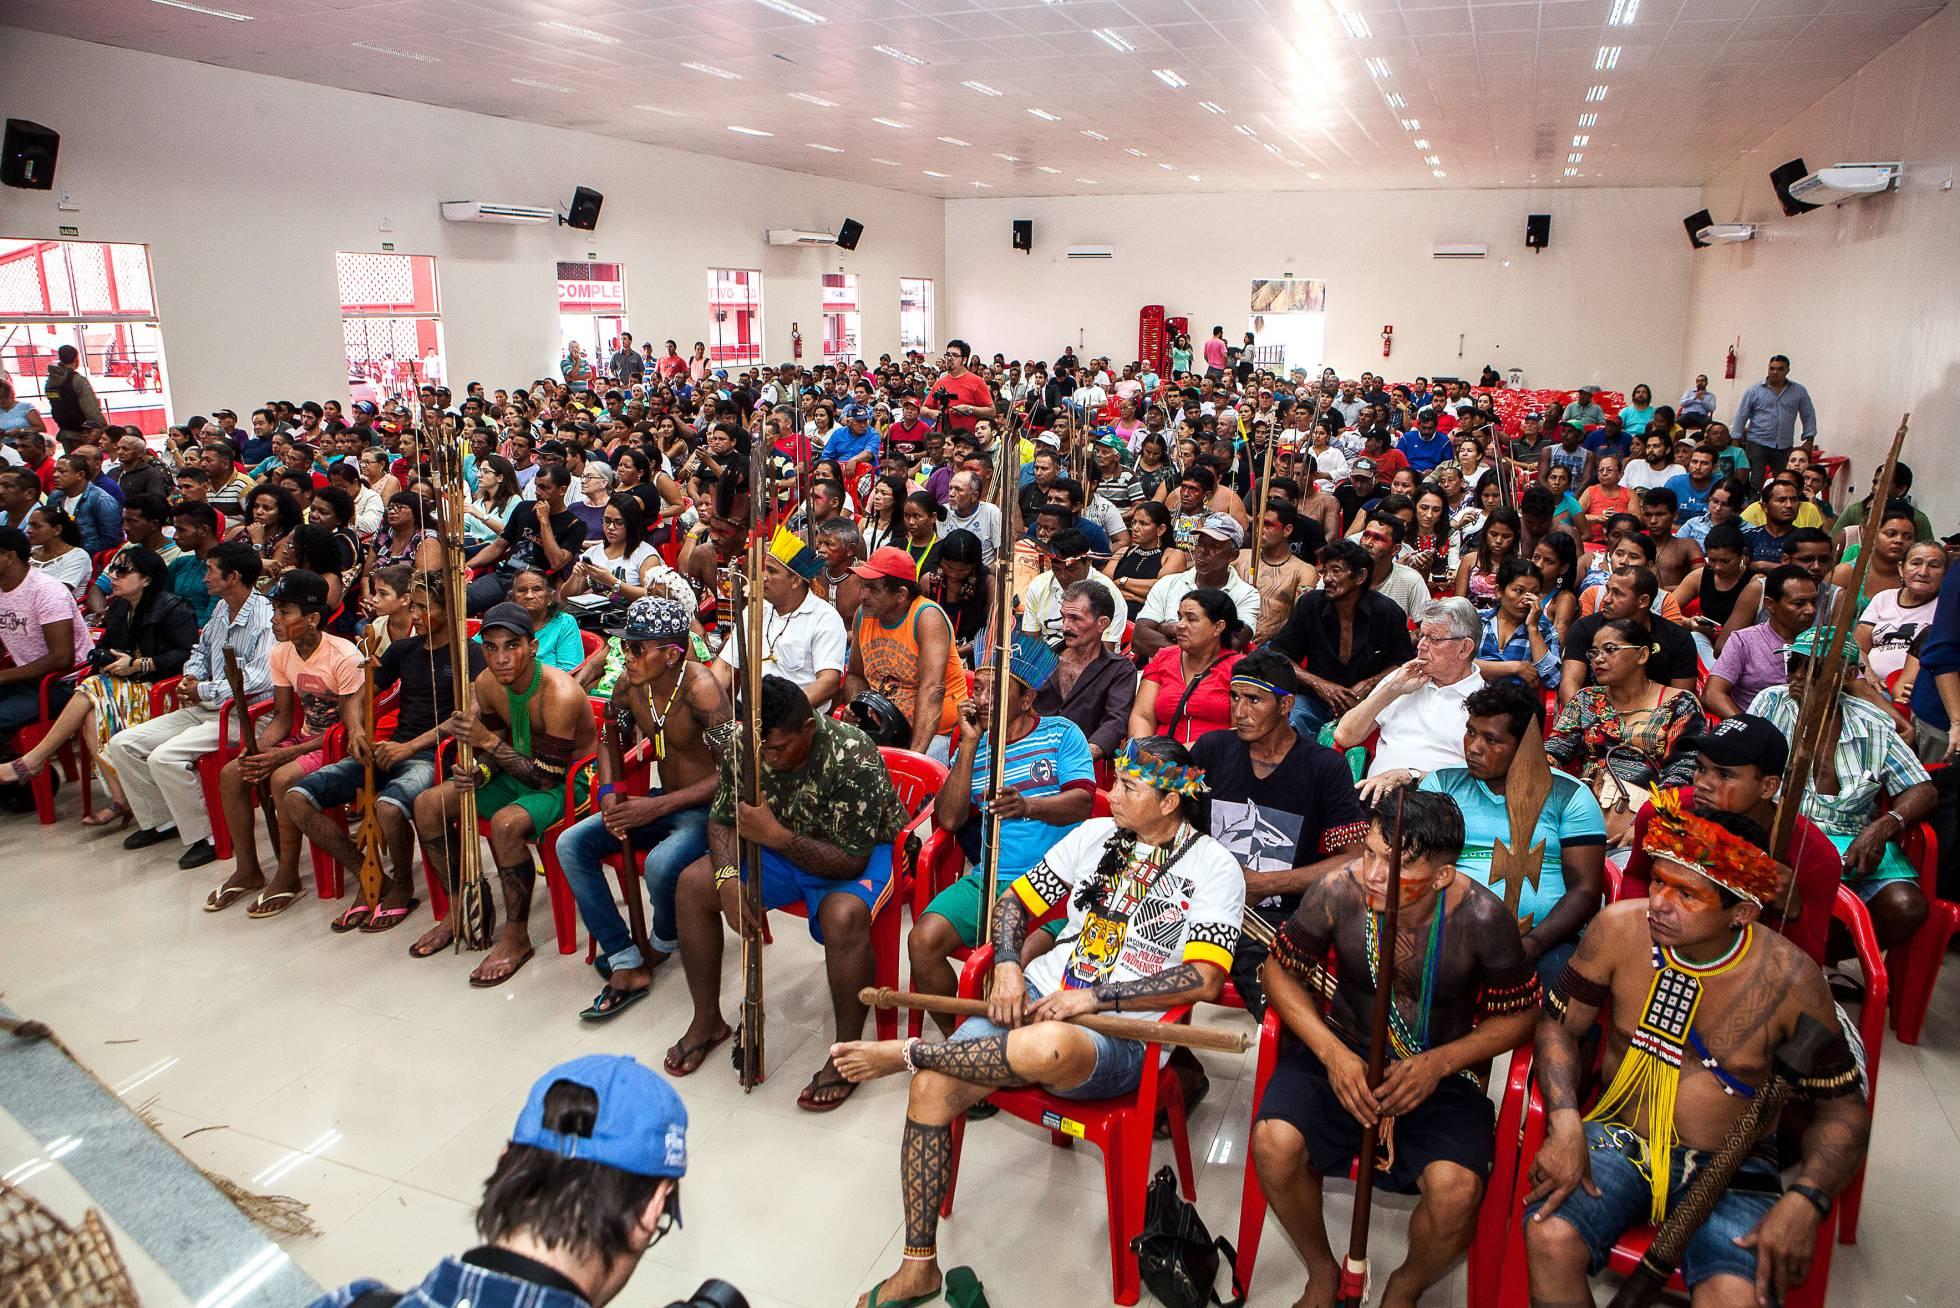 Centenas de ribeirinhos vão à audiência pública exigir seus direitos violados pela hidrelétrica de Belo Monte. LILO CLARETO (Arquivo Pessoal)